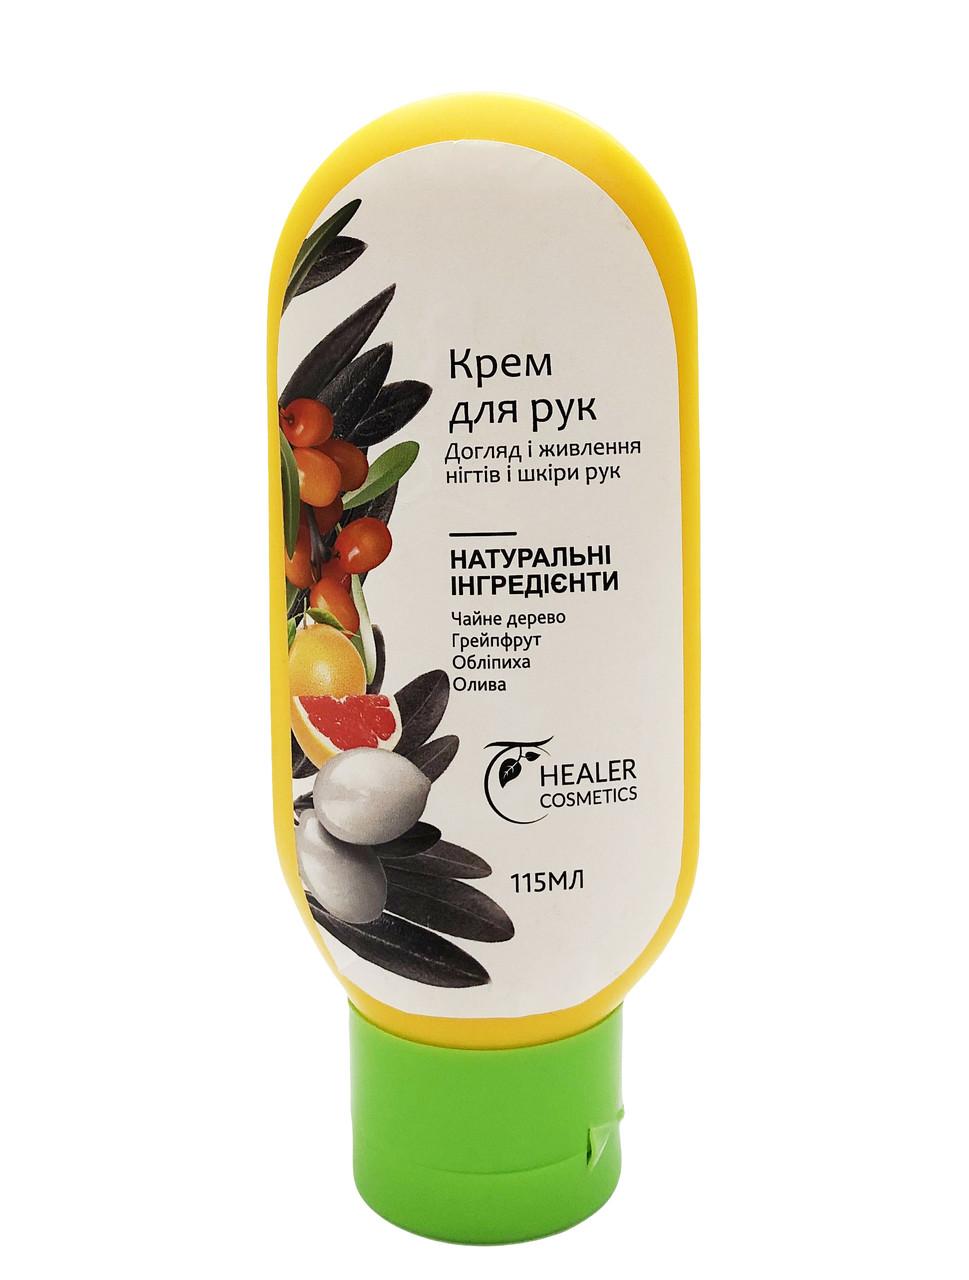 Крем для рук Healer Cosmetics - Питание и уход за ногтями и кожей рук